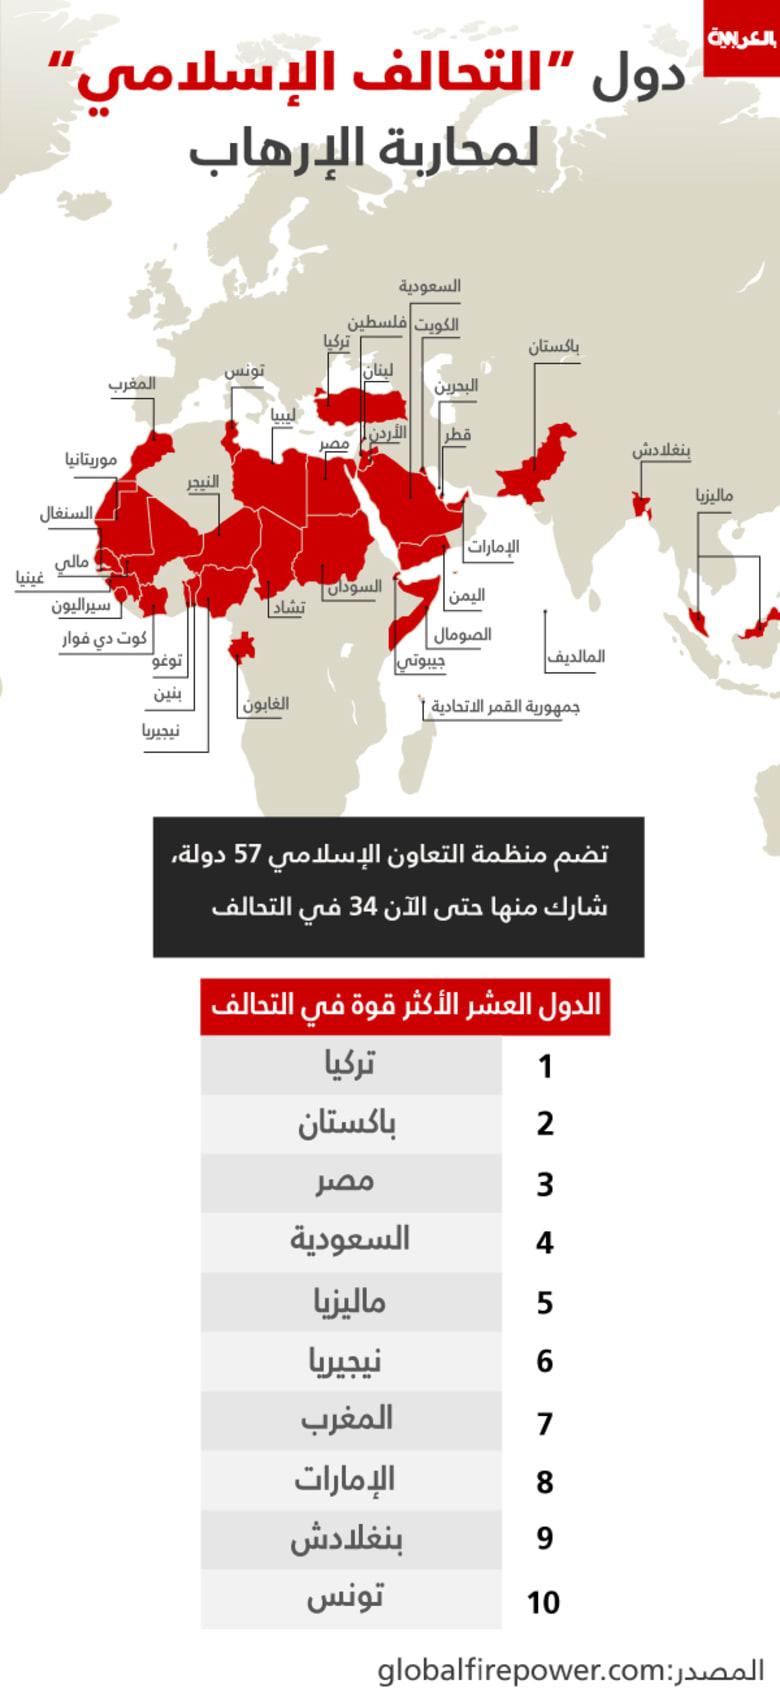 على الخريطة: بينها تركيا ومصر وباكستان والسعودية.. ما هي أقوى عشر دول بالتحالف العسكري الإسلامي؟